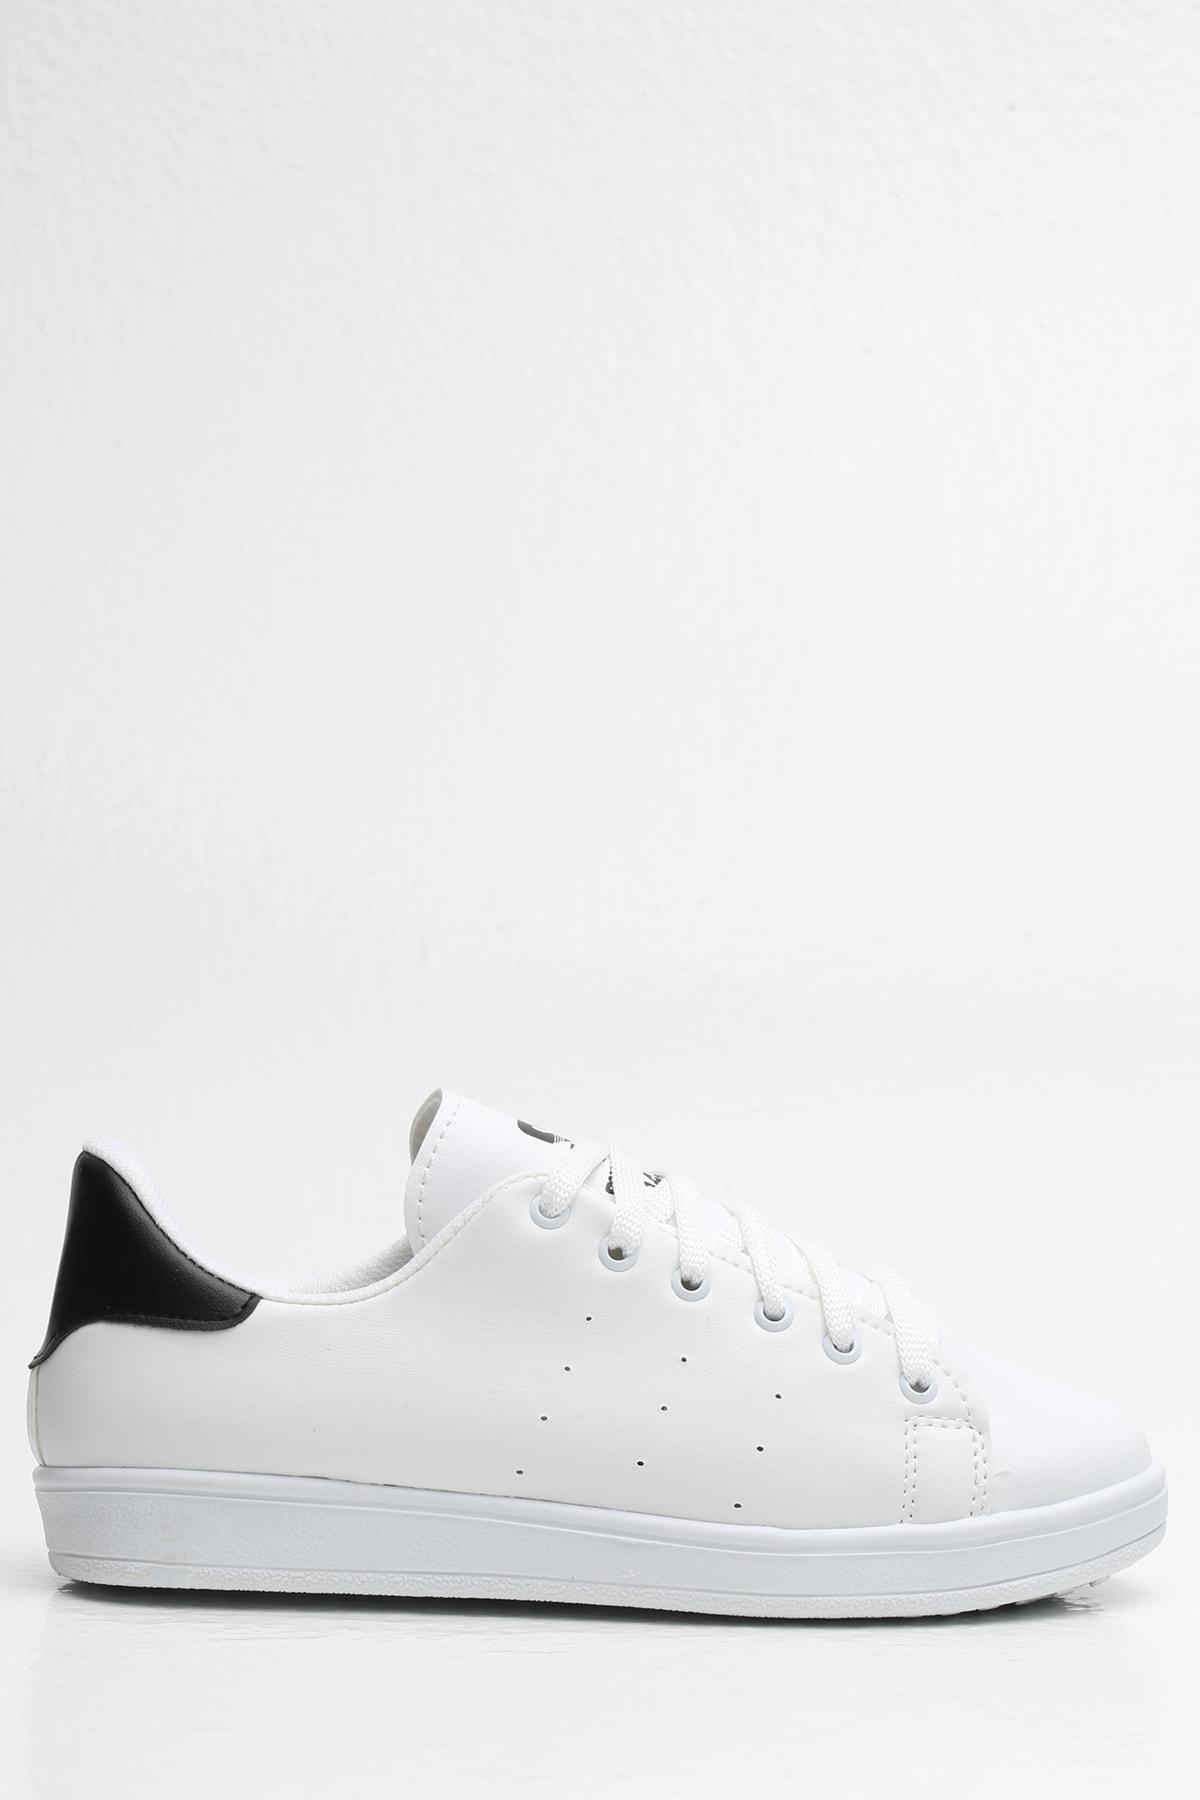 Ayakkabı Modası Beyaz-Siyah Kadın Sneaker BM-4000-20-101004